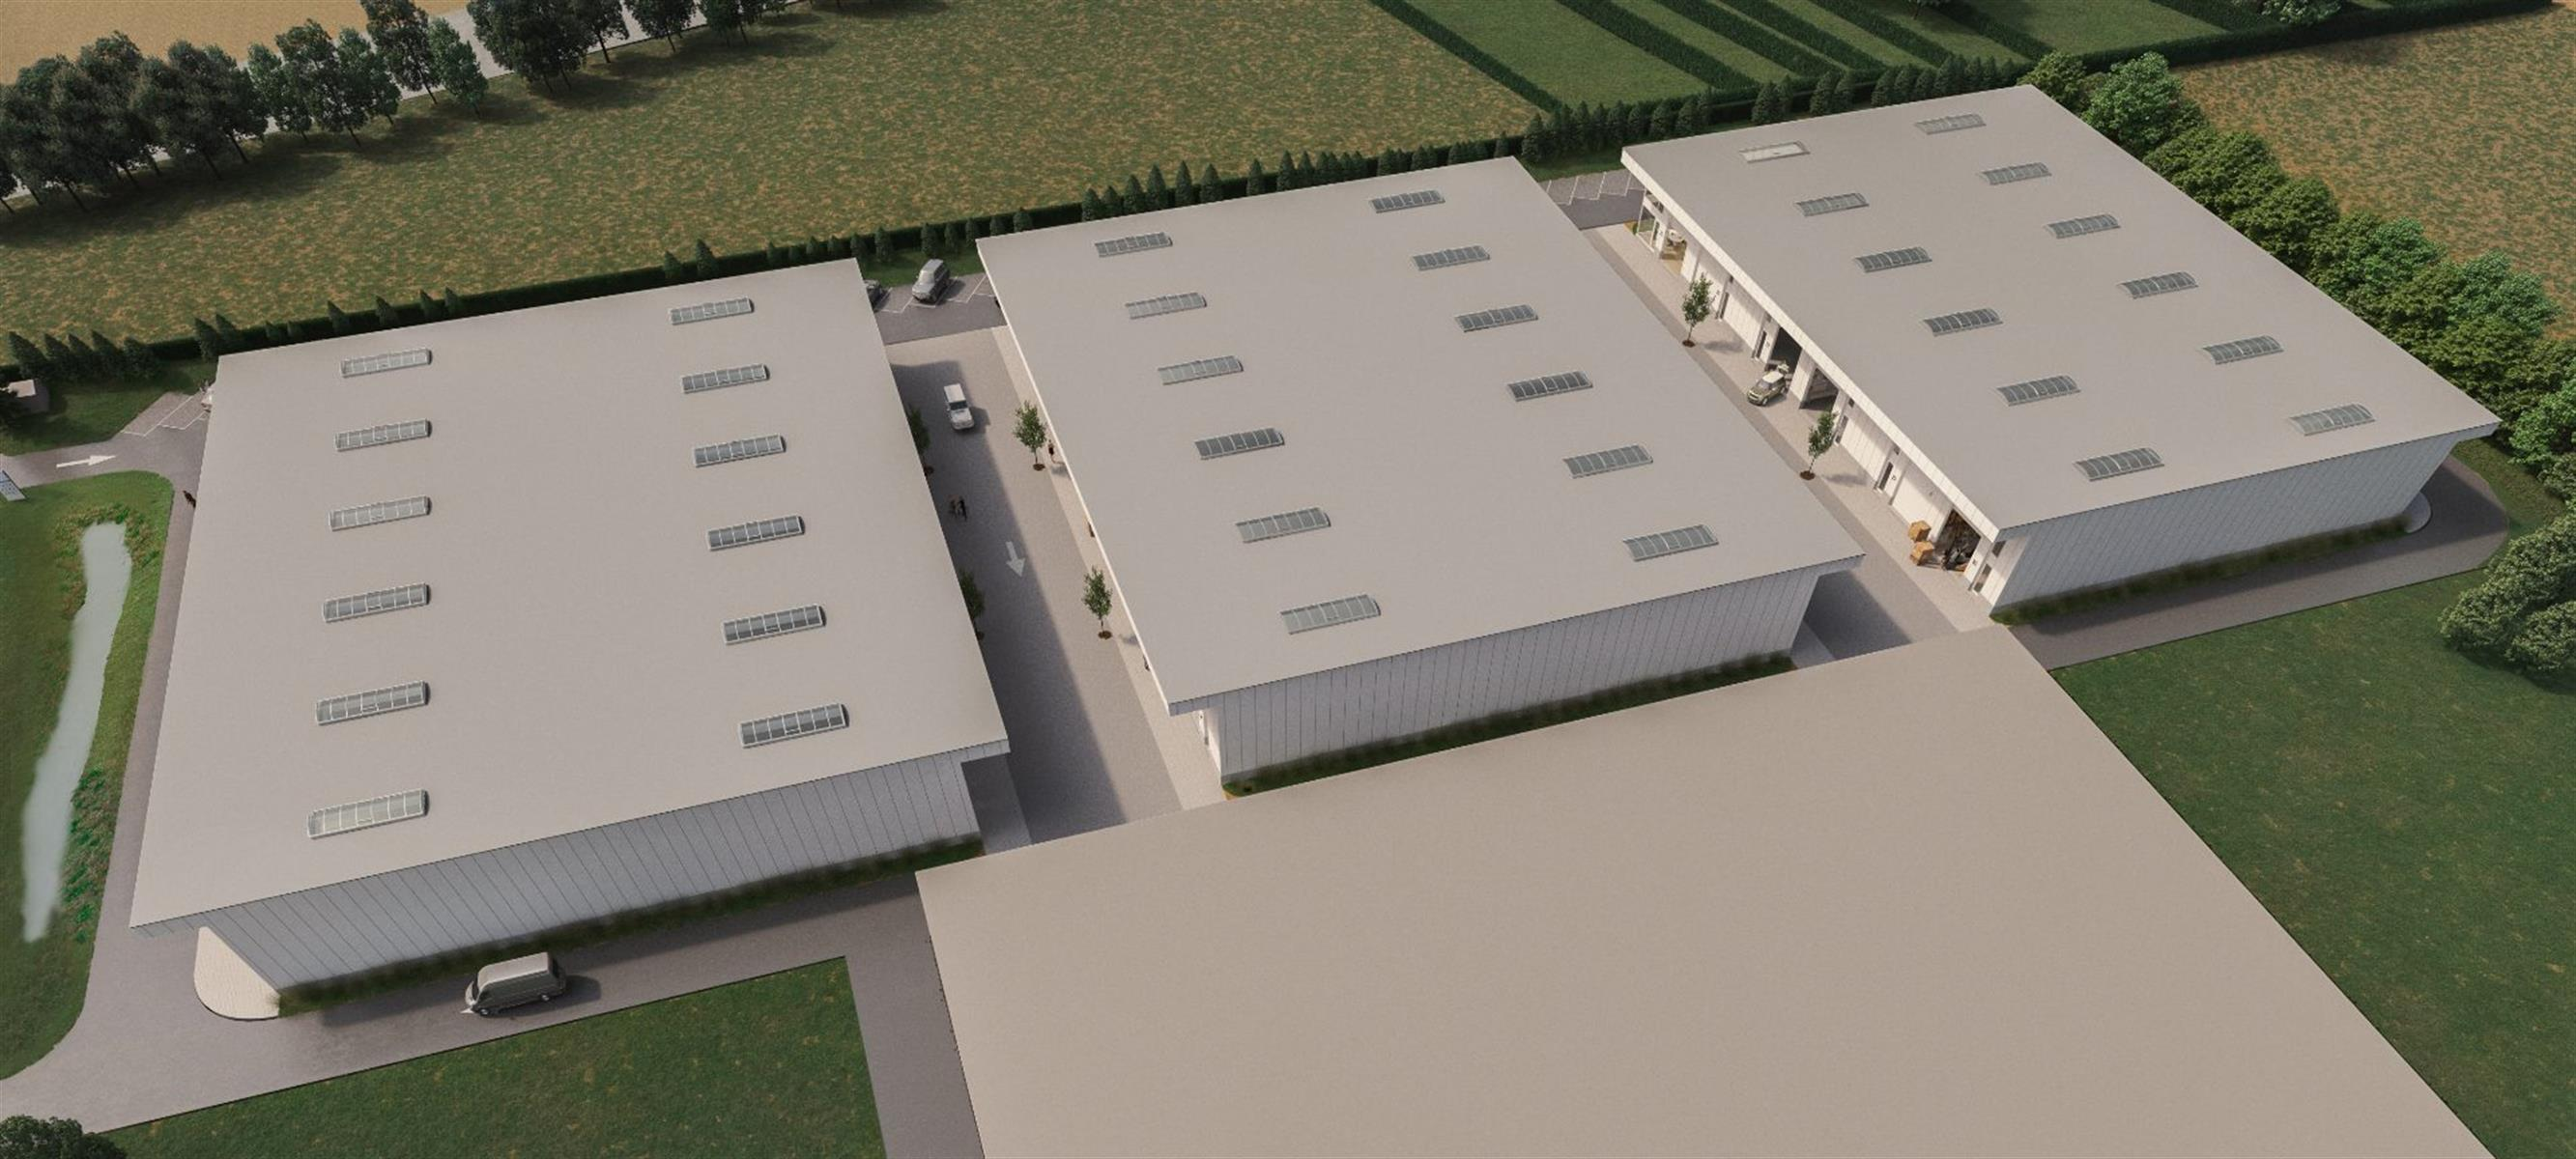 KMO-unit te koop UNIT 001 - Endepoelstraat 3, 3210 Lubbeek, België 21